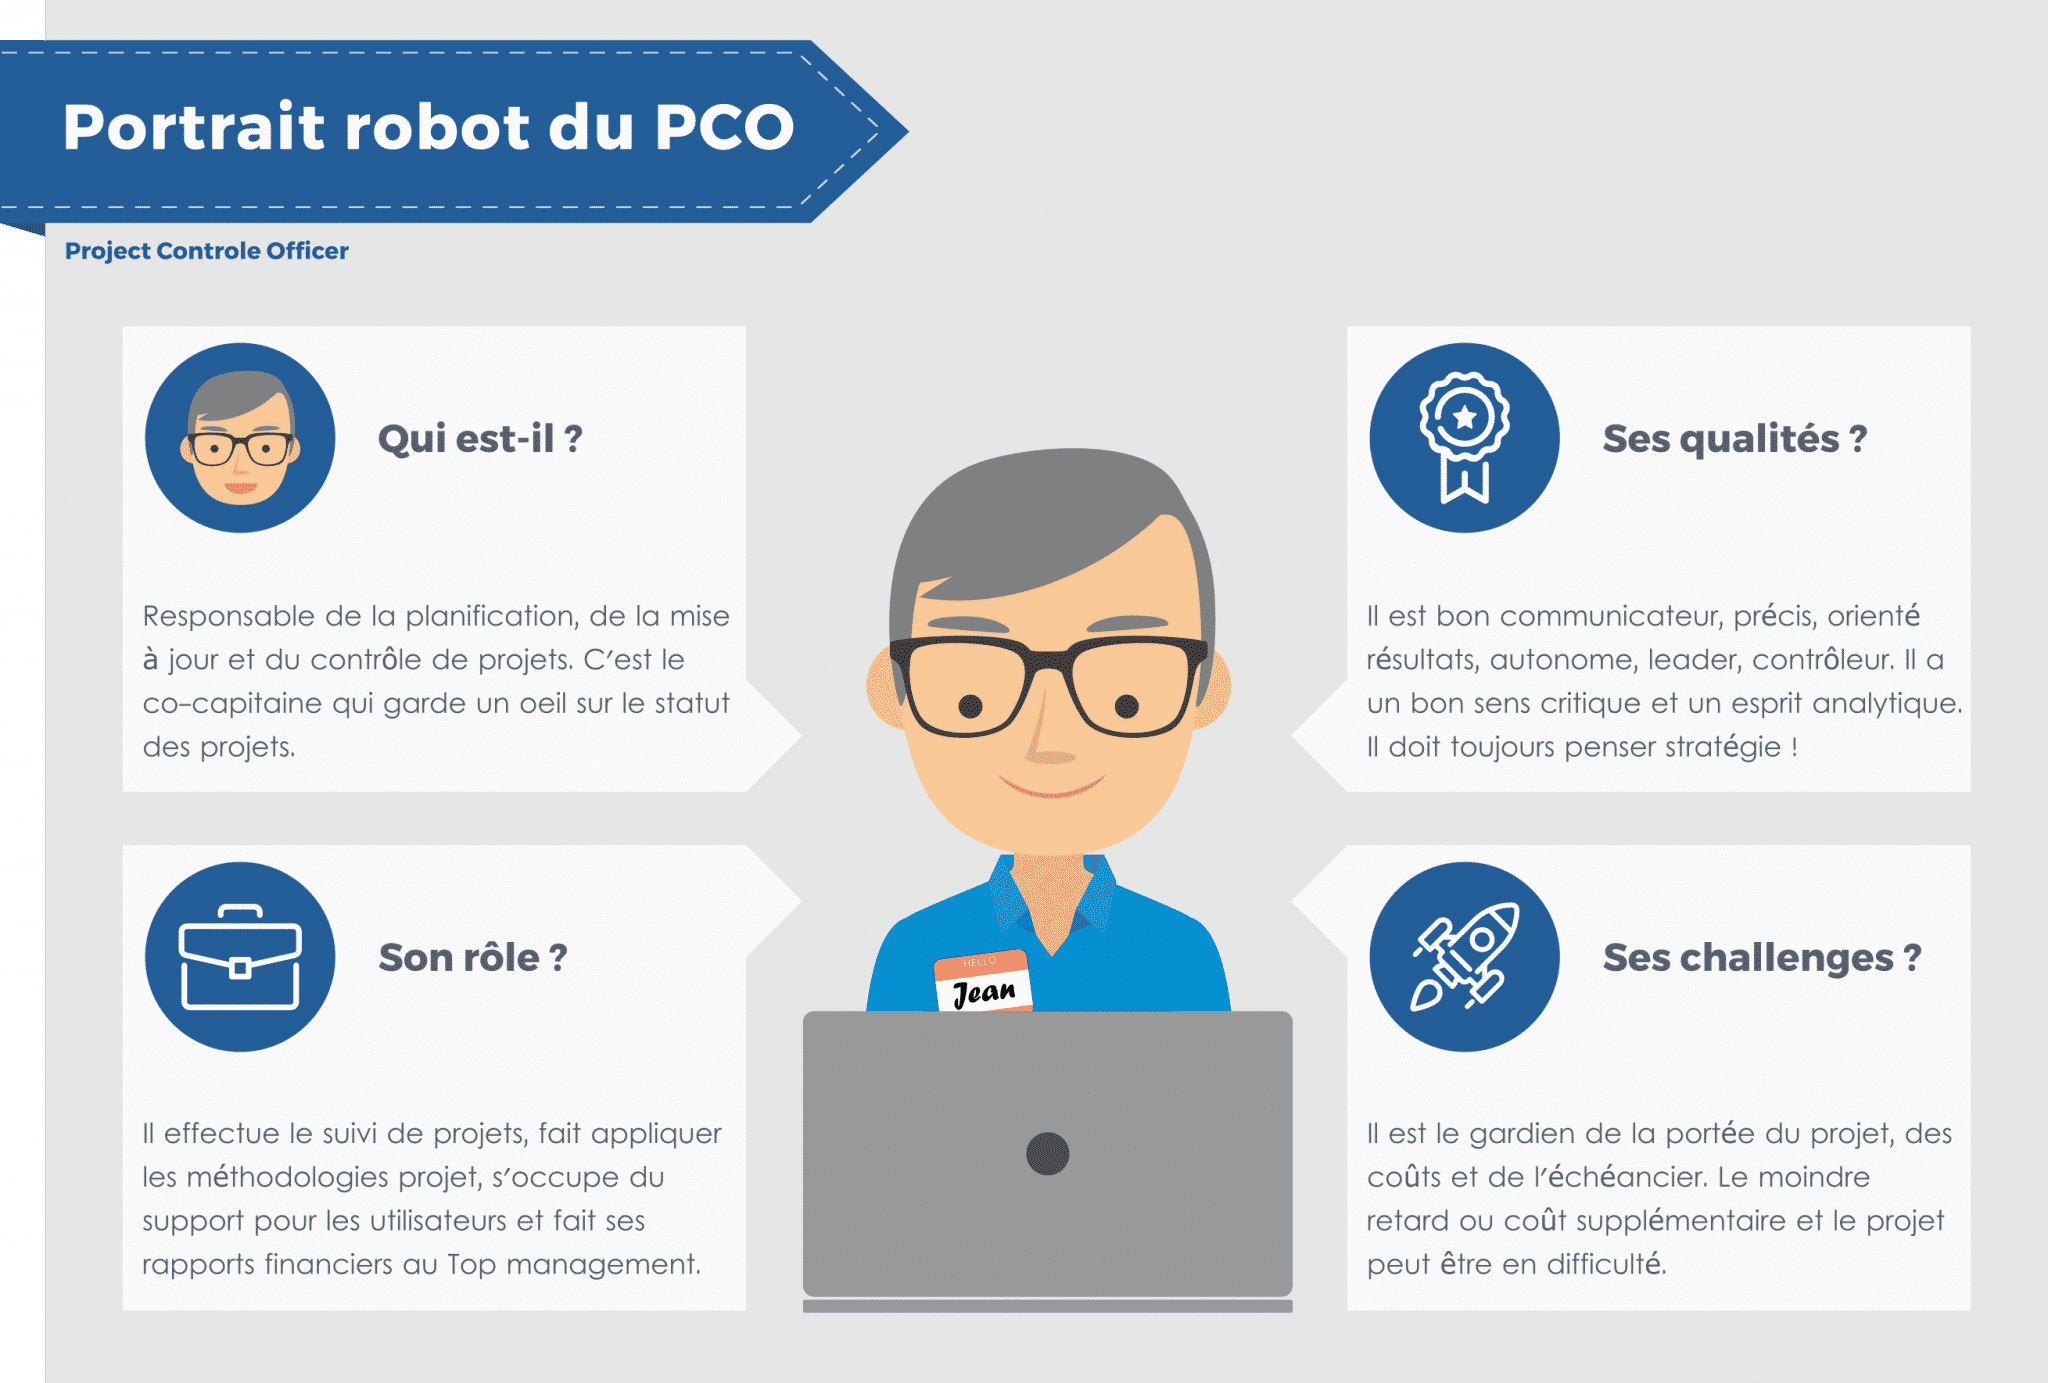 PCO - Project Controle Officer - gestion de projet - ressources - chef de projet